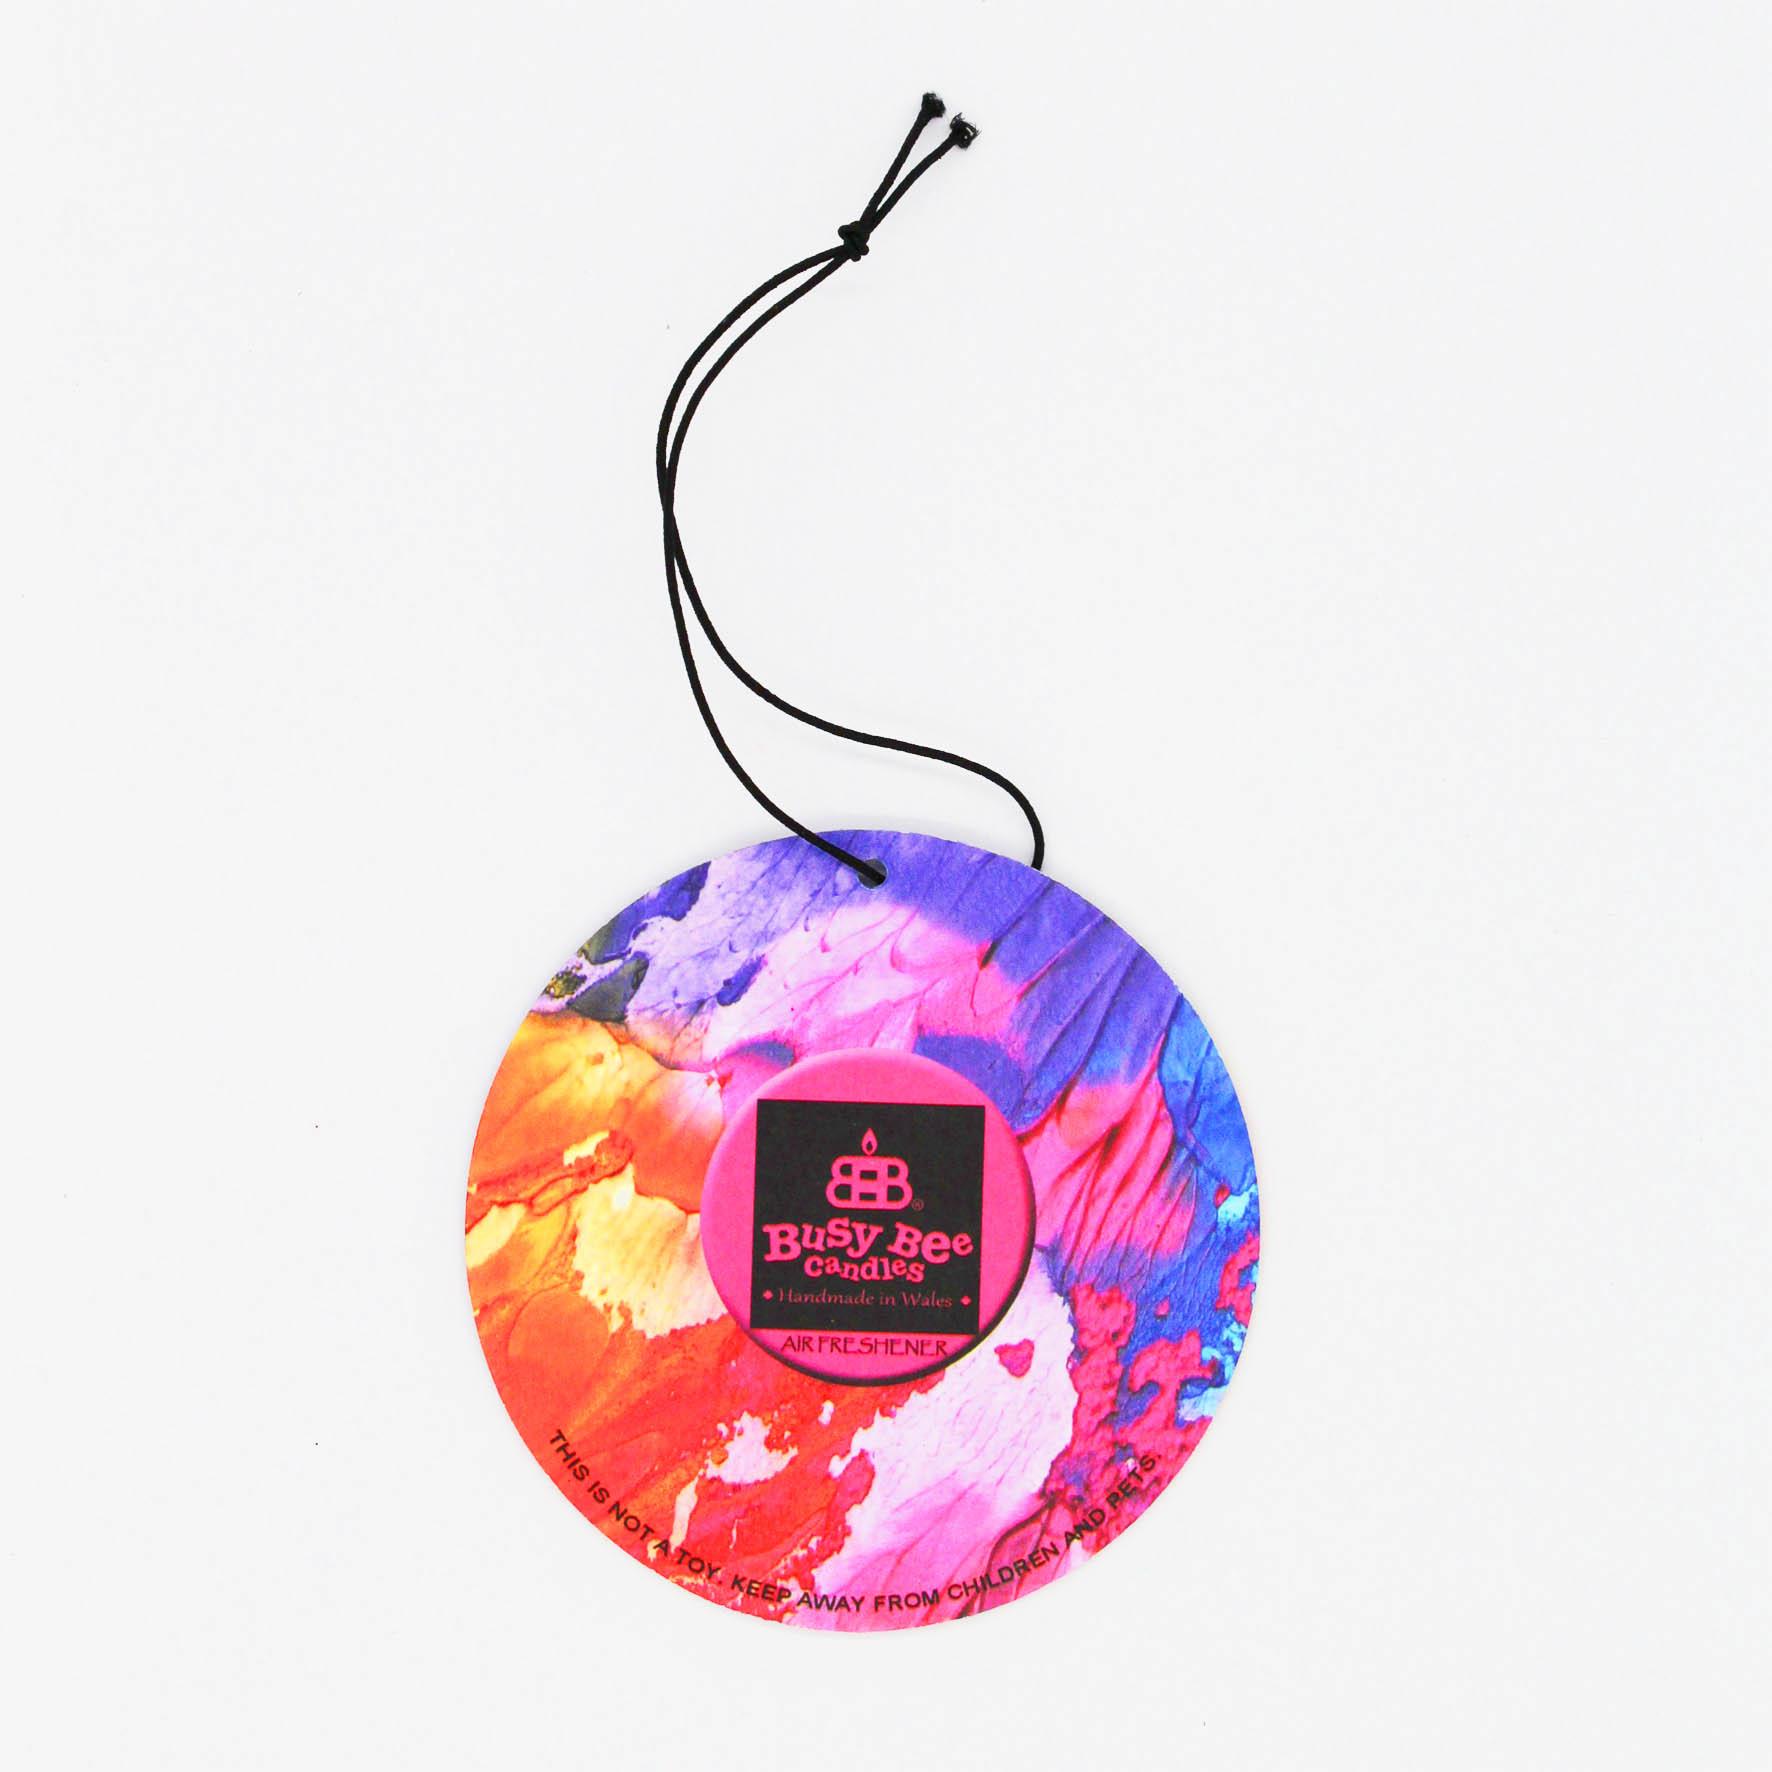 Vanilla Dream Hanging Air Freshener